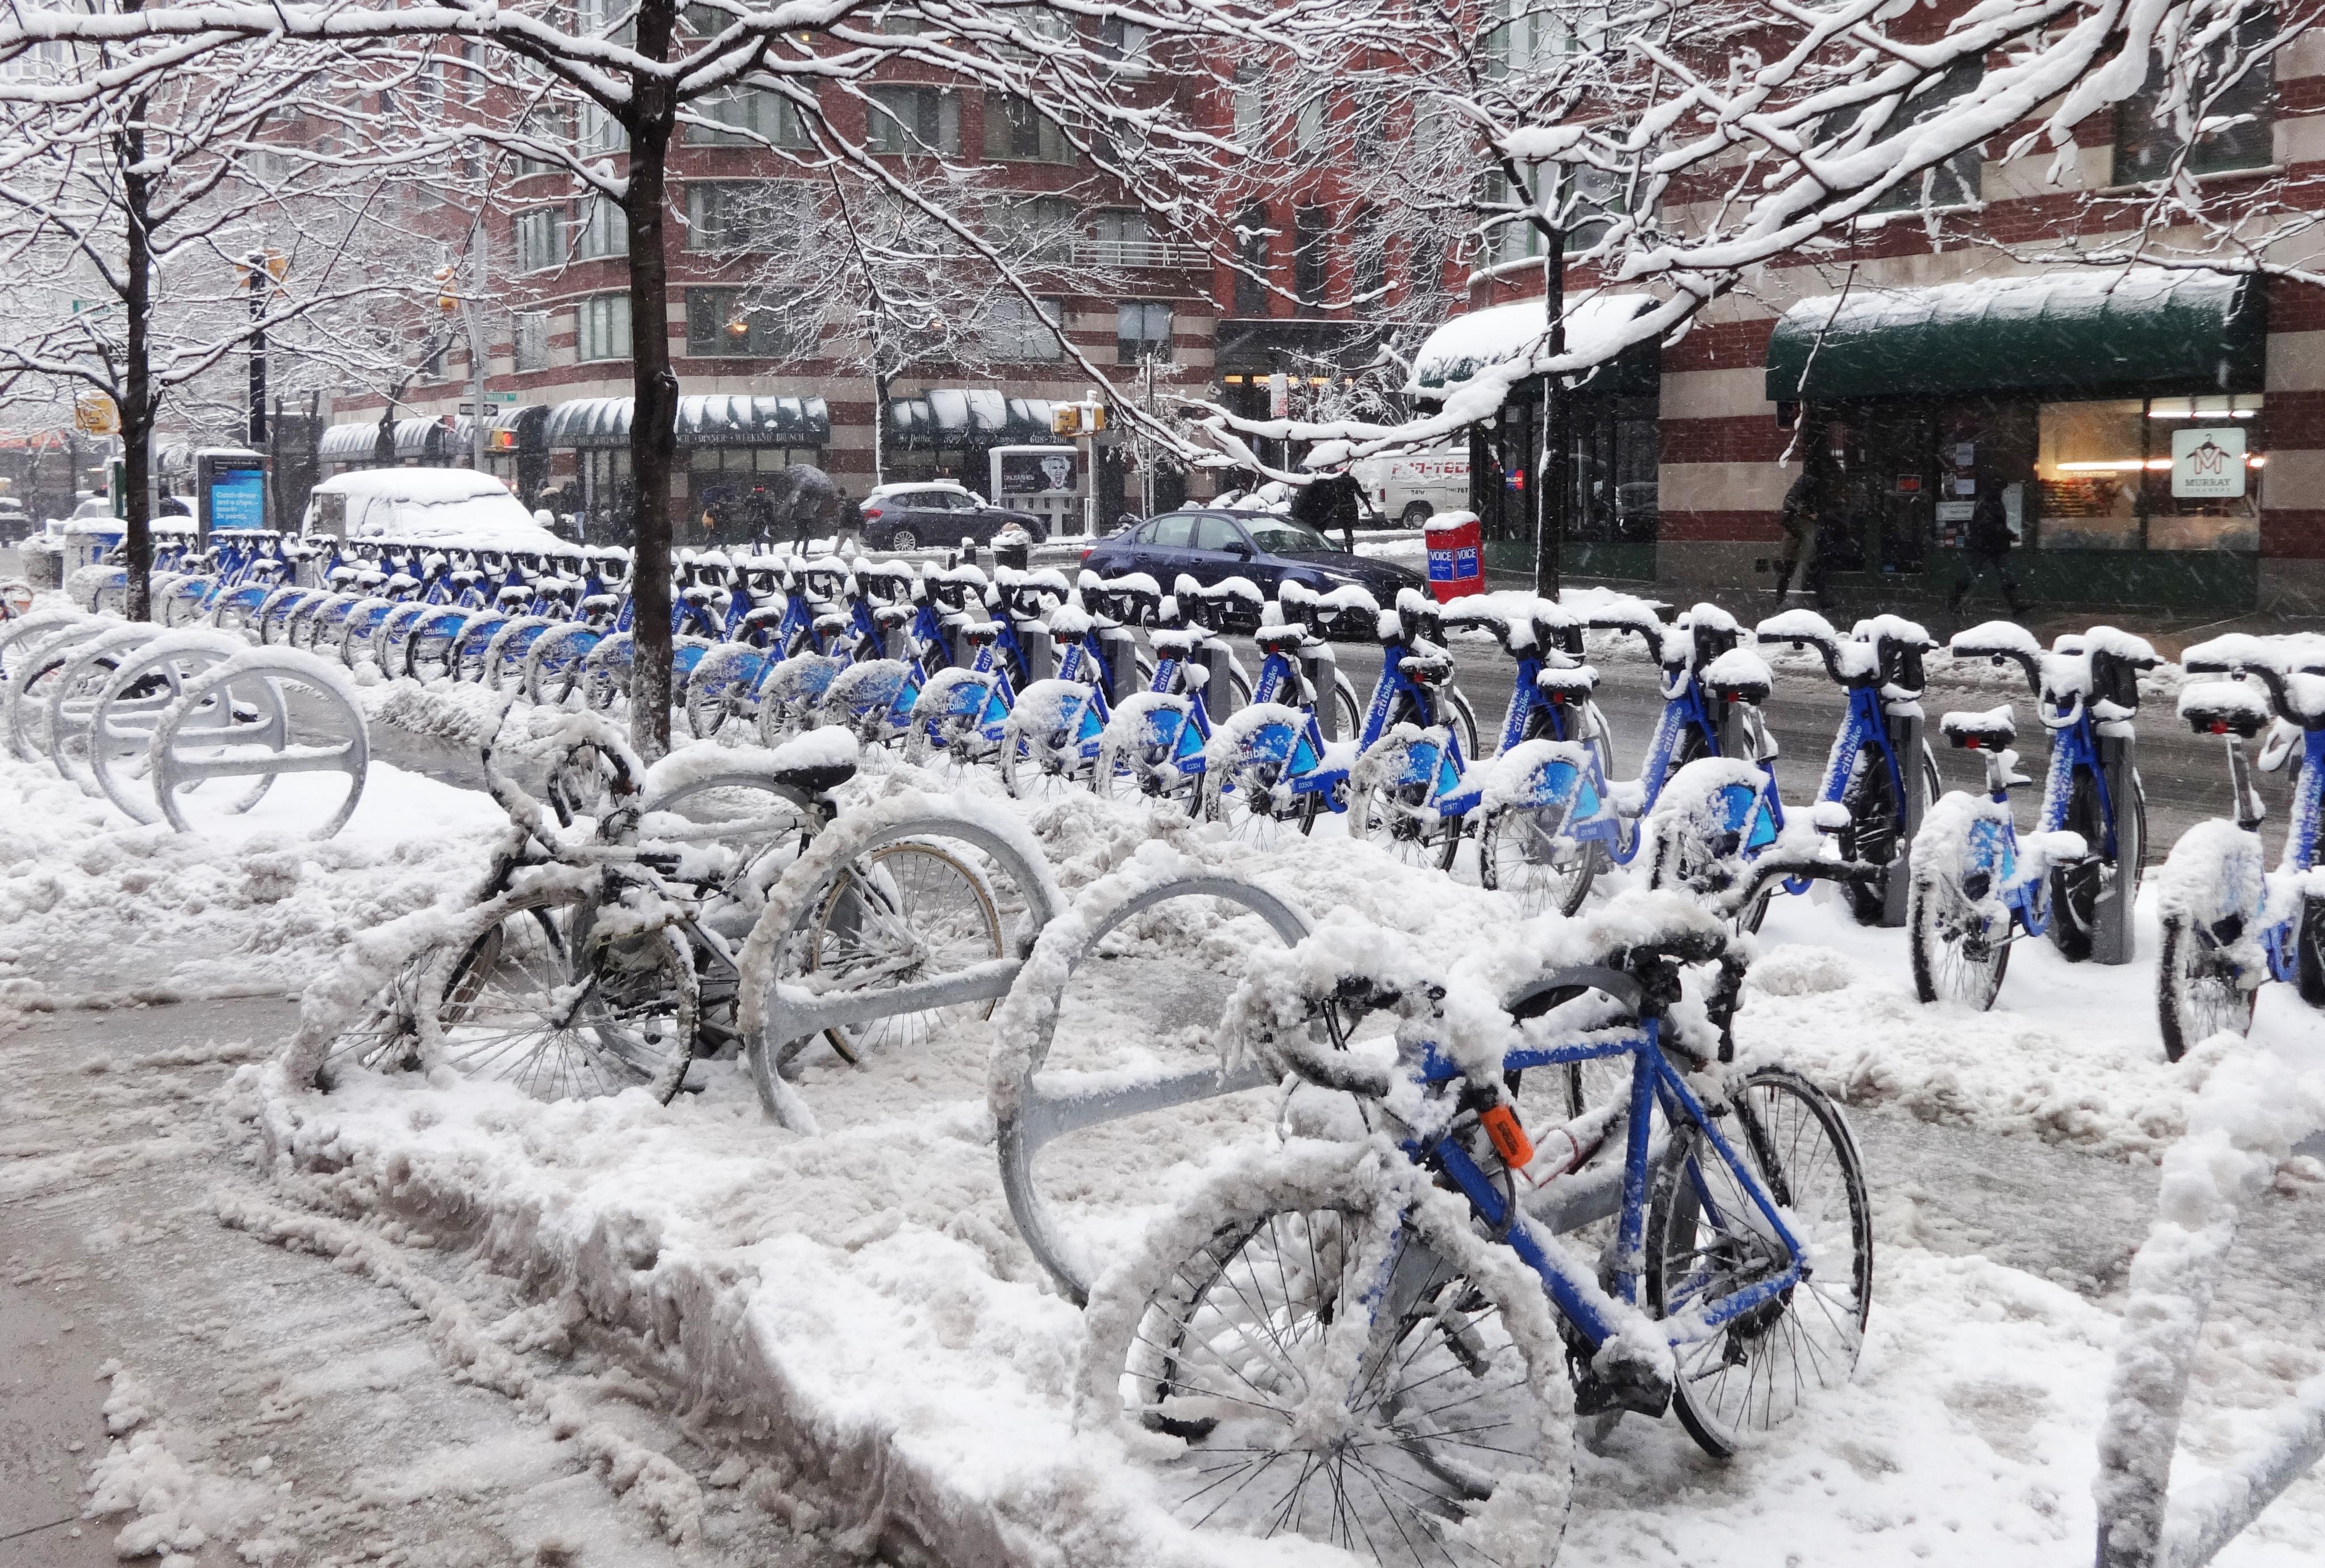 Citi Bikes in snow 2-3-2014